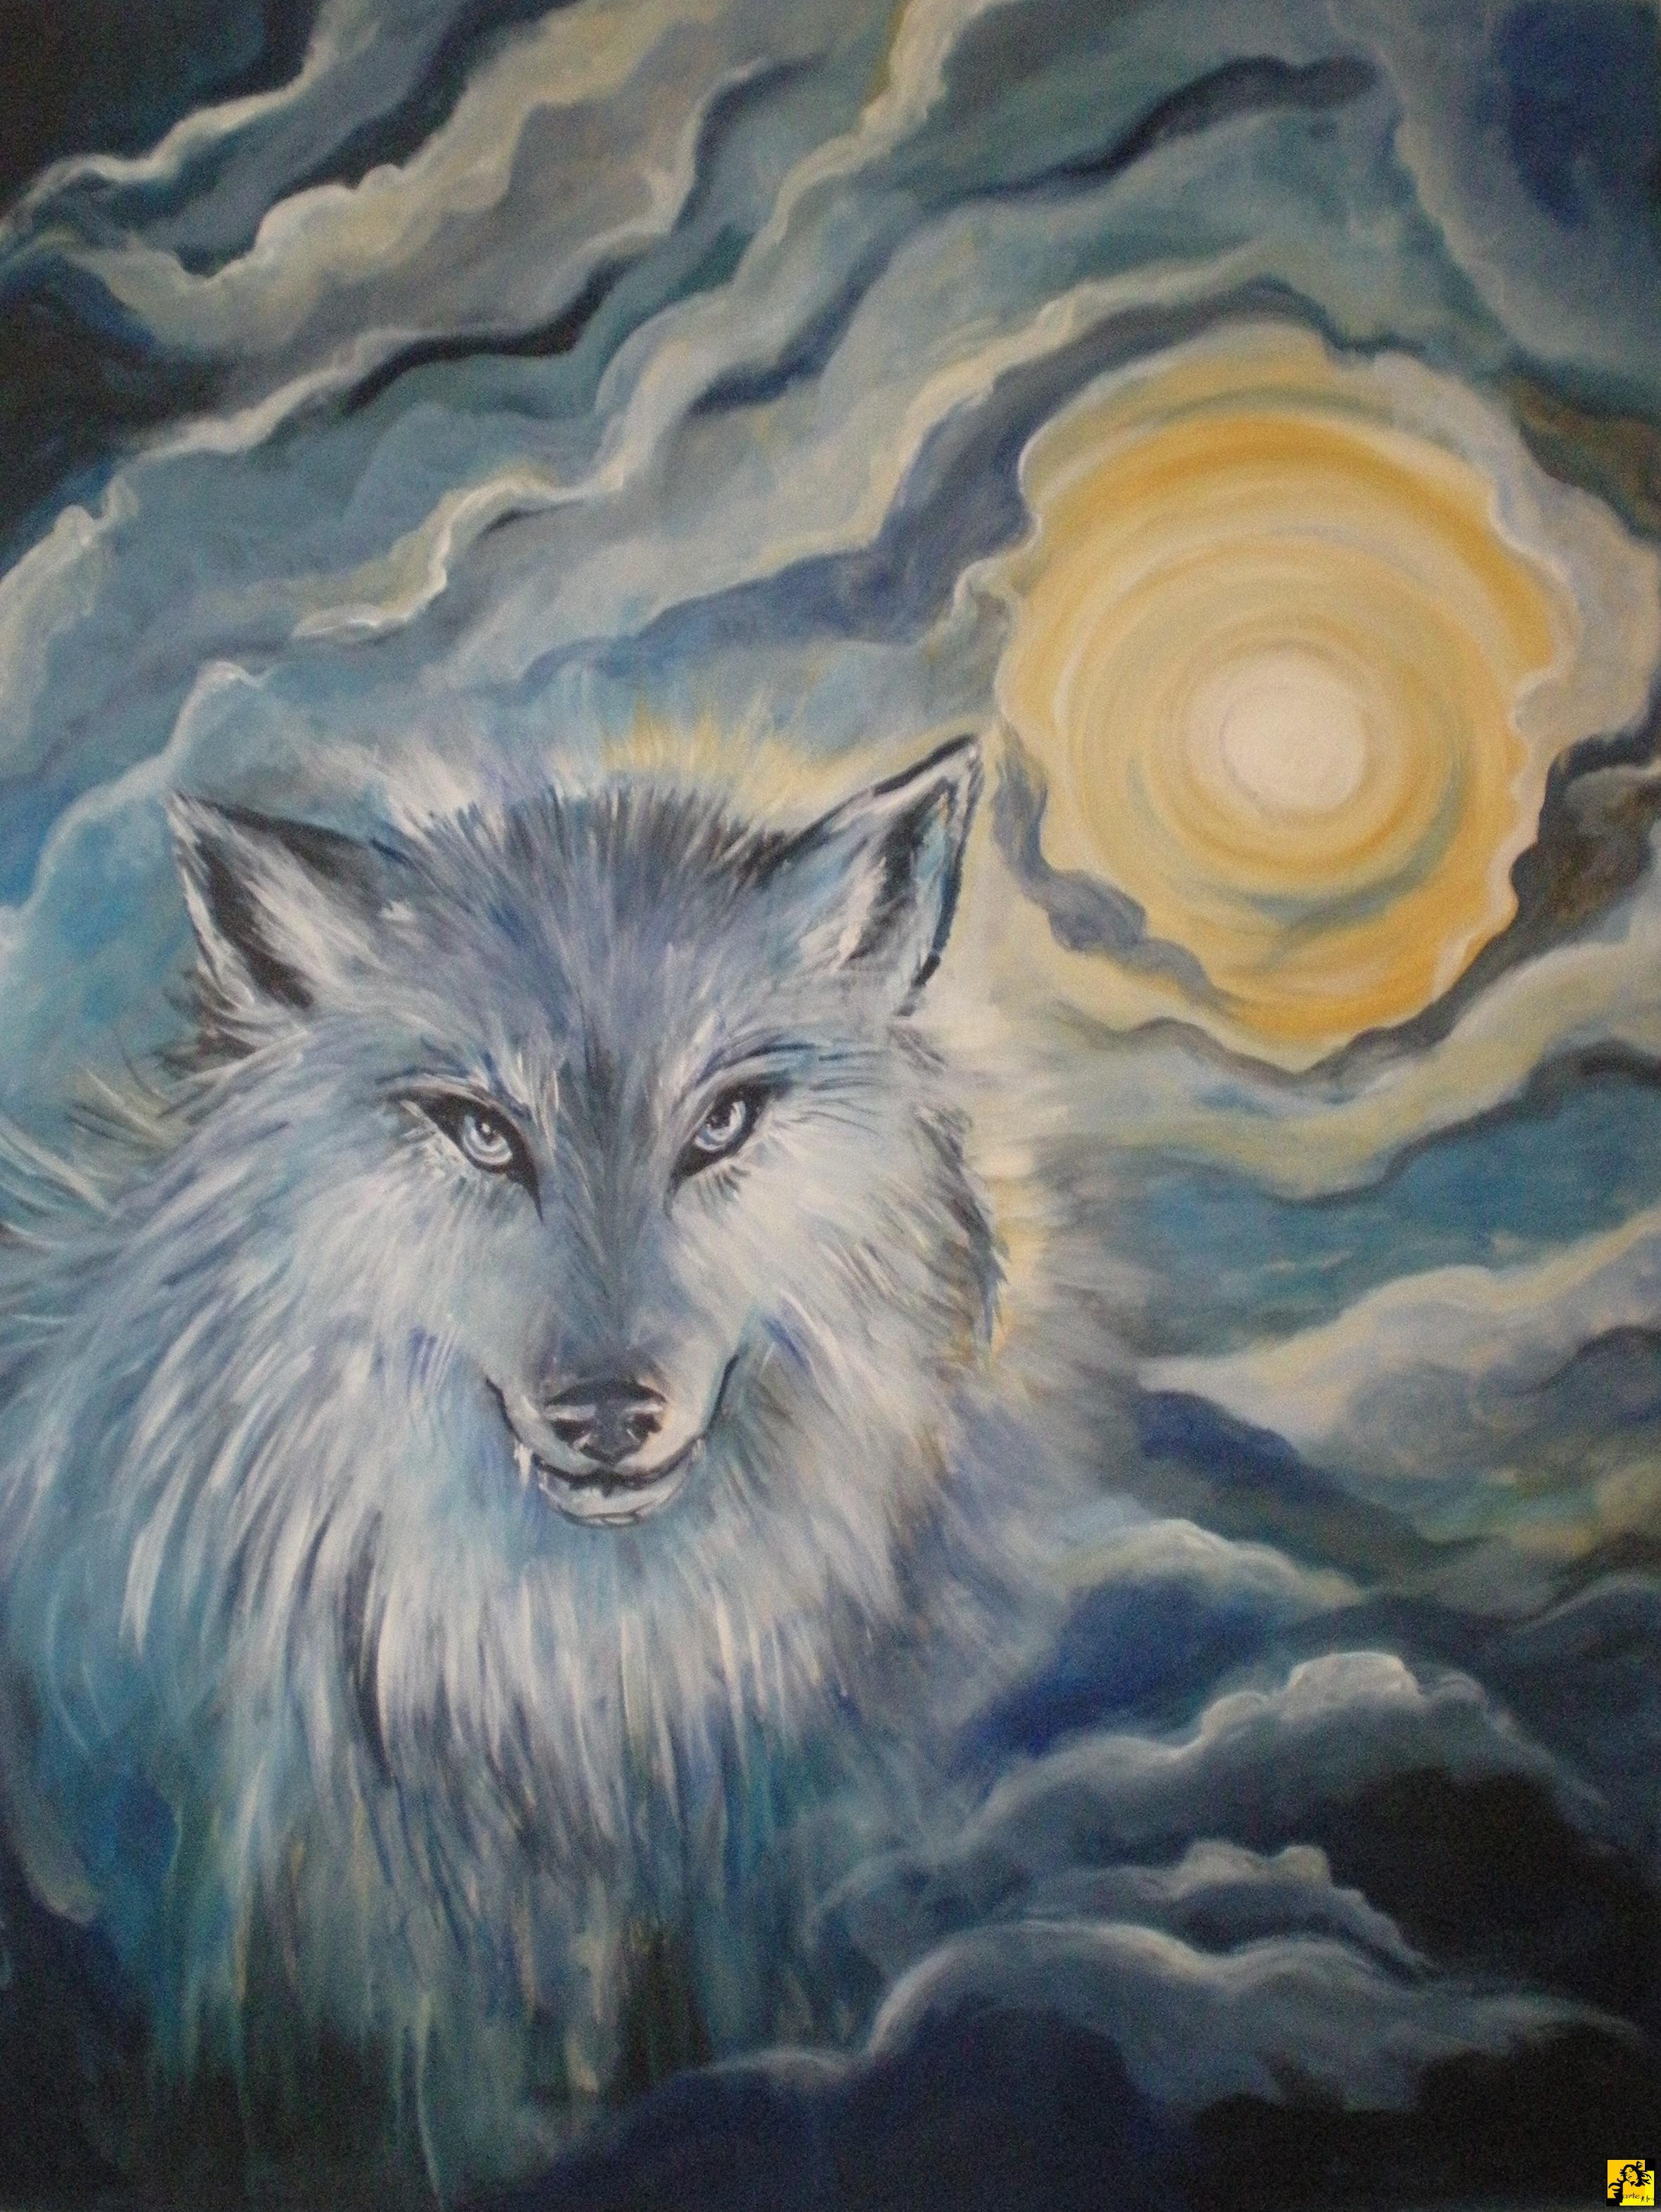 Znalezione obrazy dla zapytania wilk malarstwo